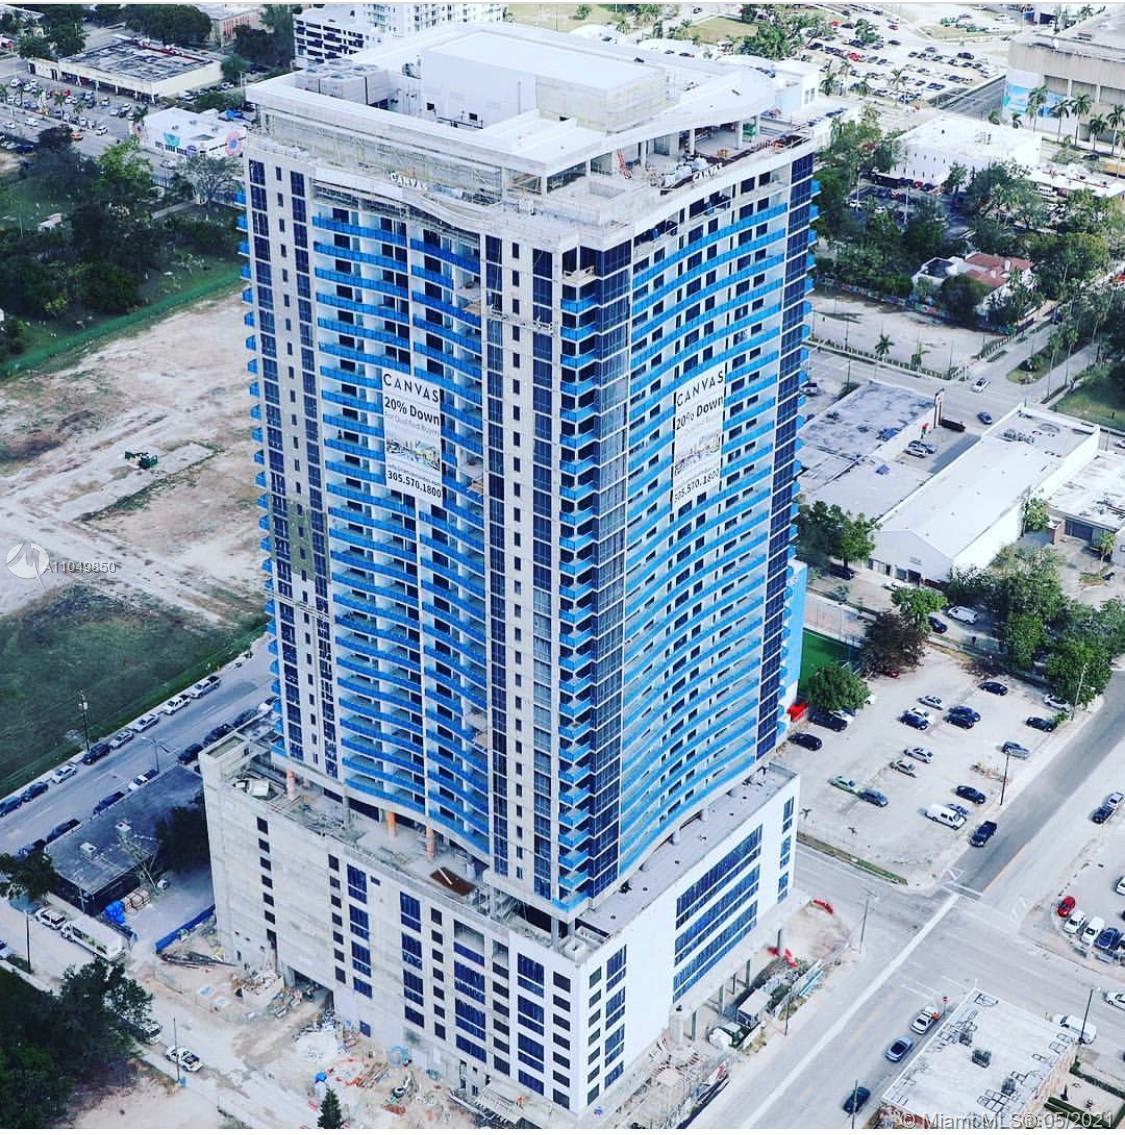 Canvas #1110 - 1600 NE 1st Ave #1110, Miami, FL 33132